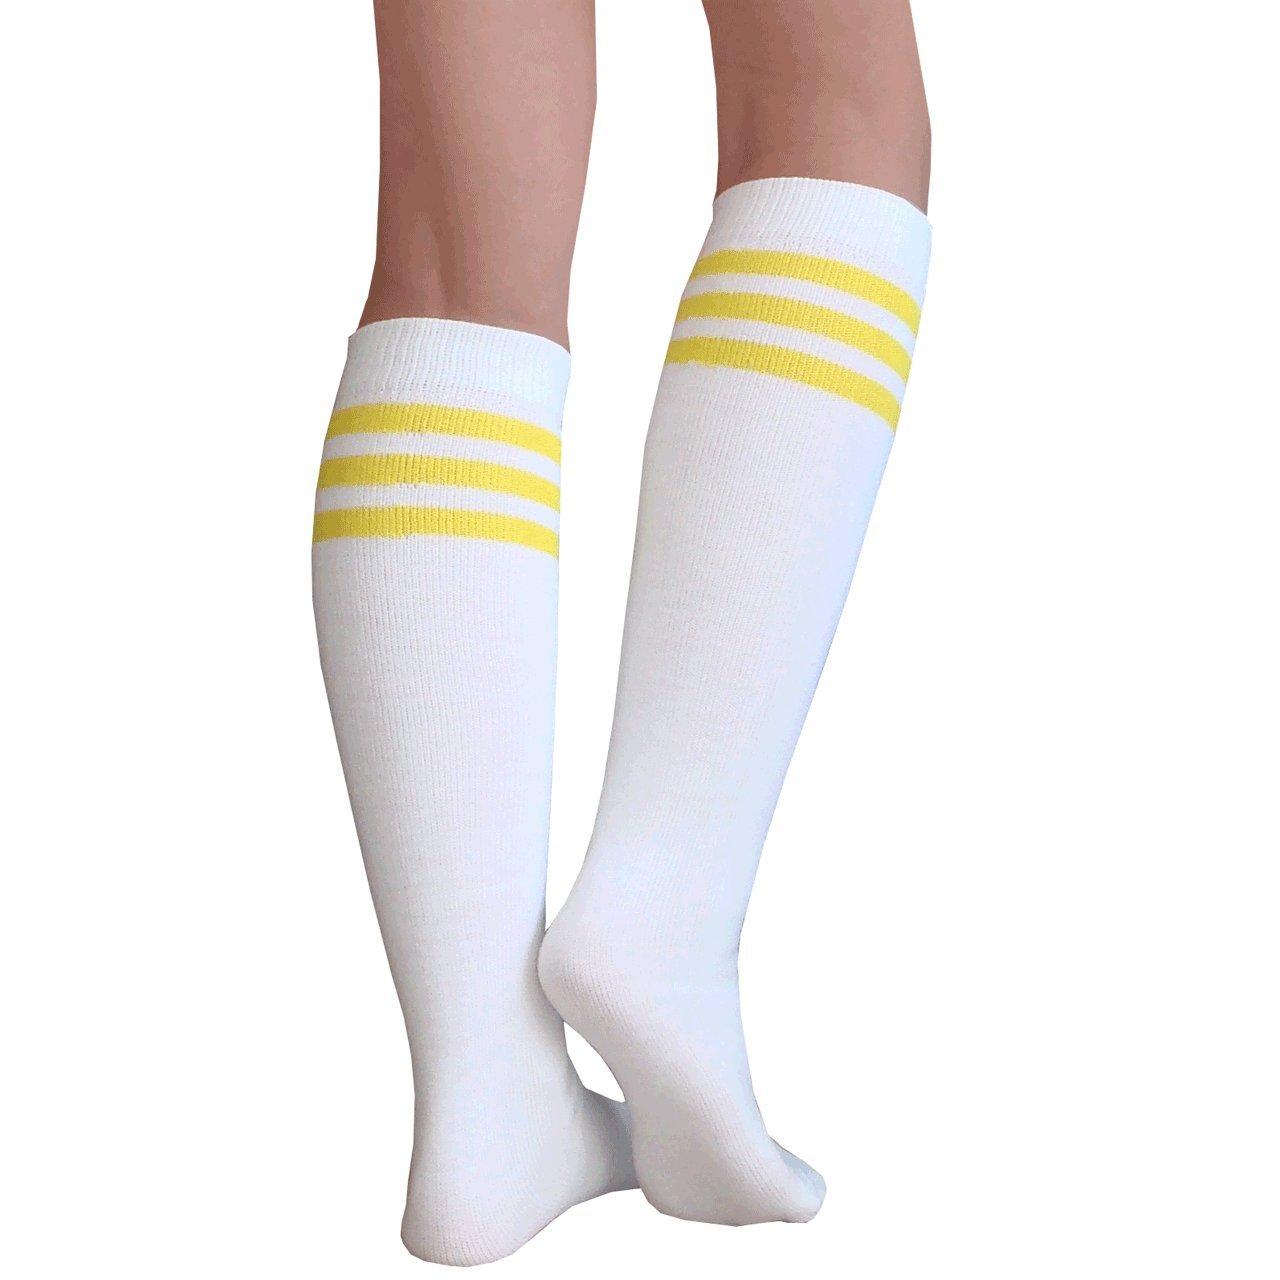 3afa8828e6022 Chrissy's Socks Women's Knee High Tube Socks at Amazon Women's Clothing  store: